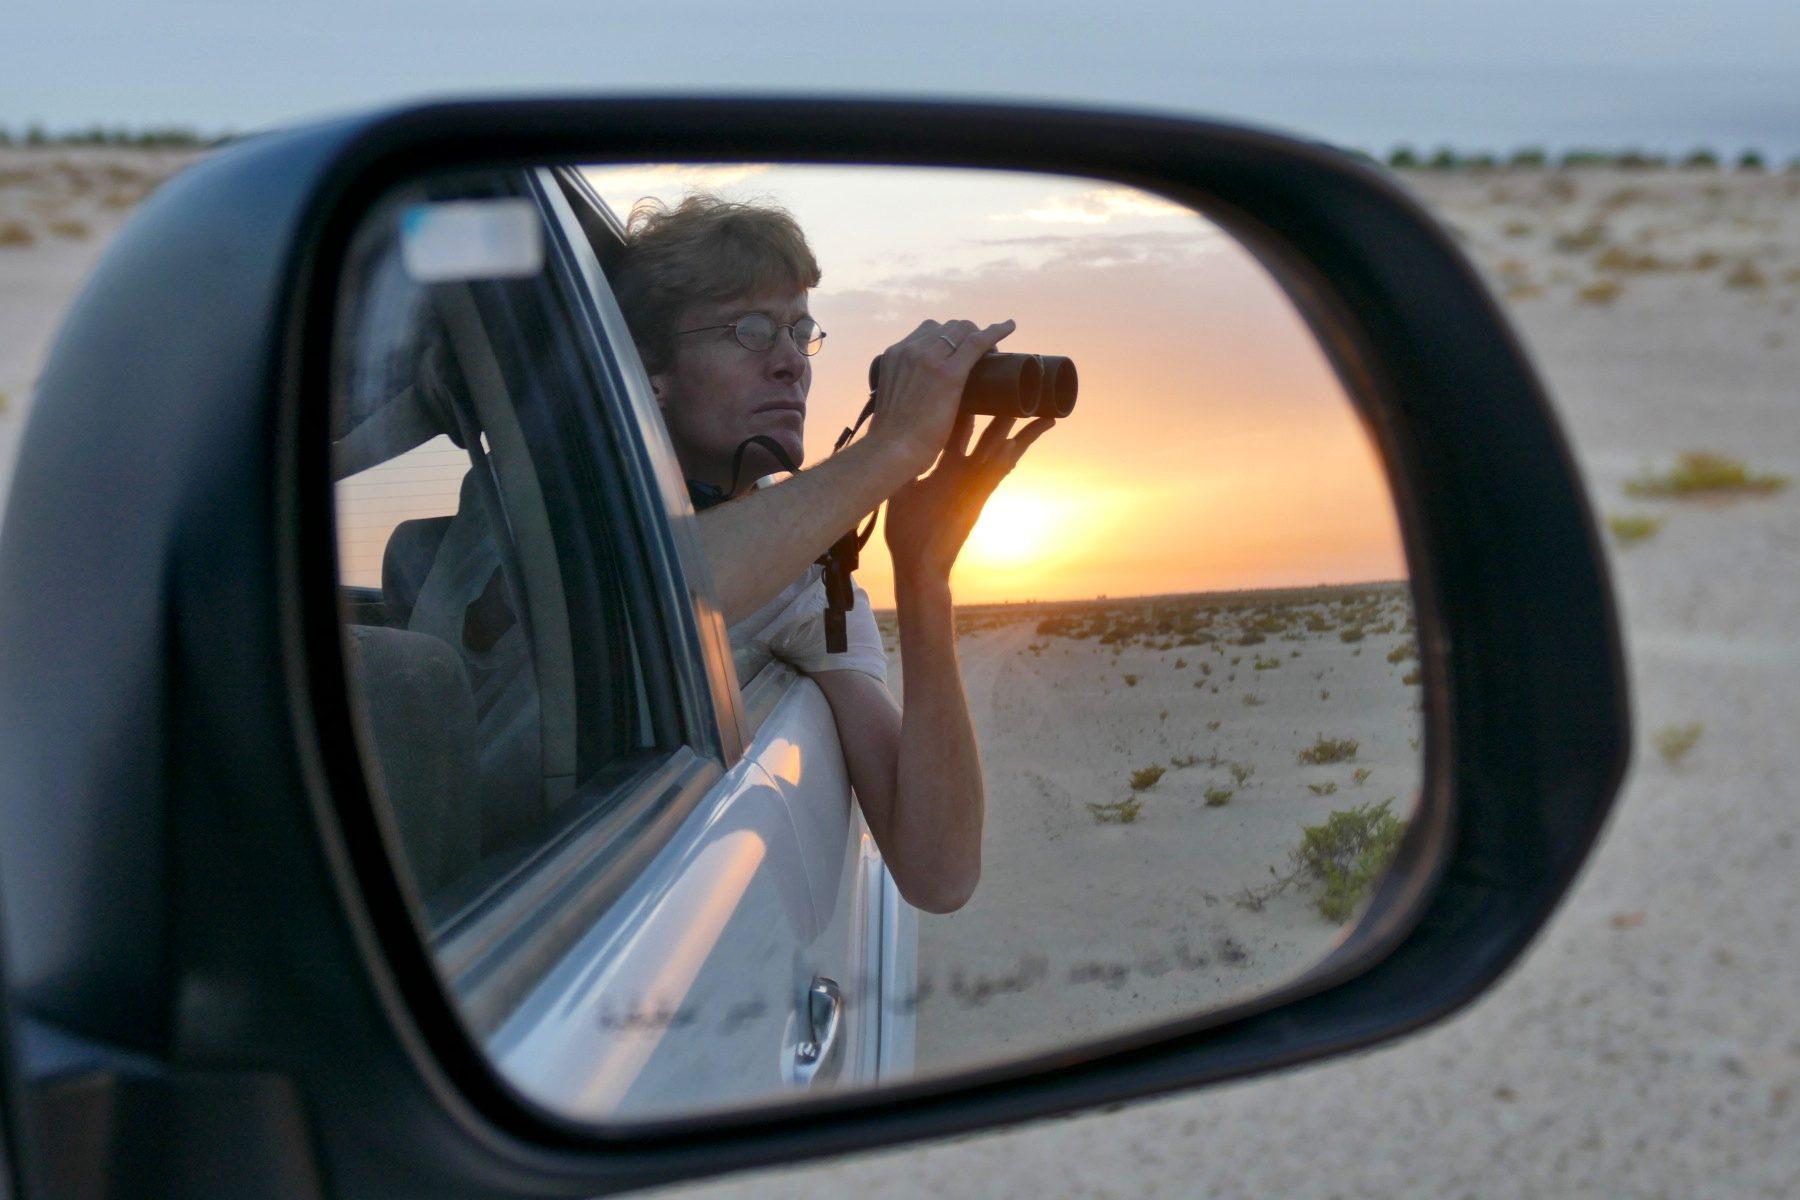 Oscar looks for birds against the sunrise outside of Dubai. Noah Strycker